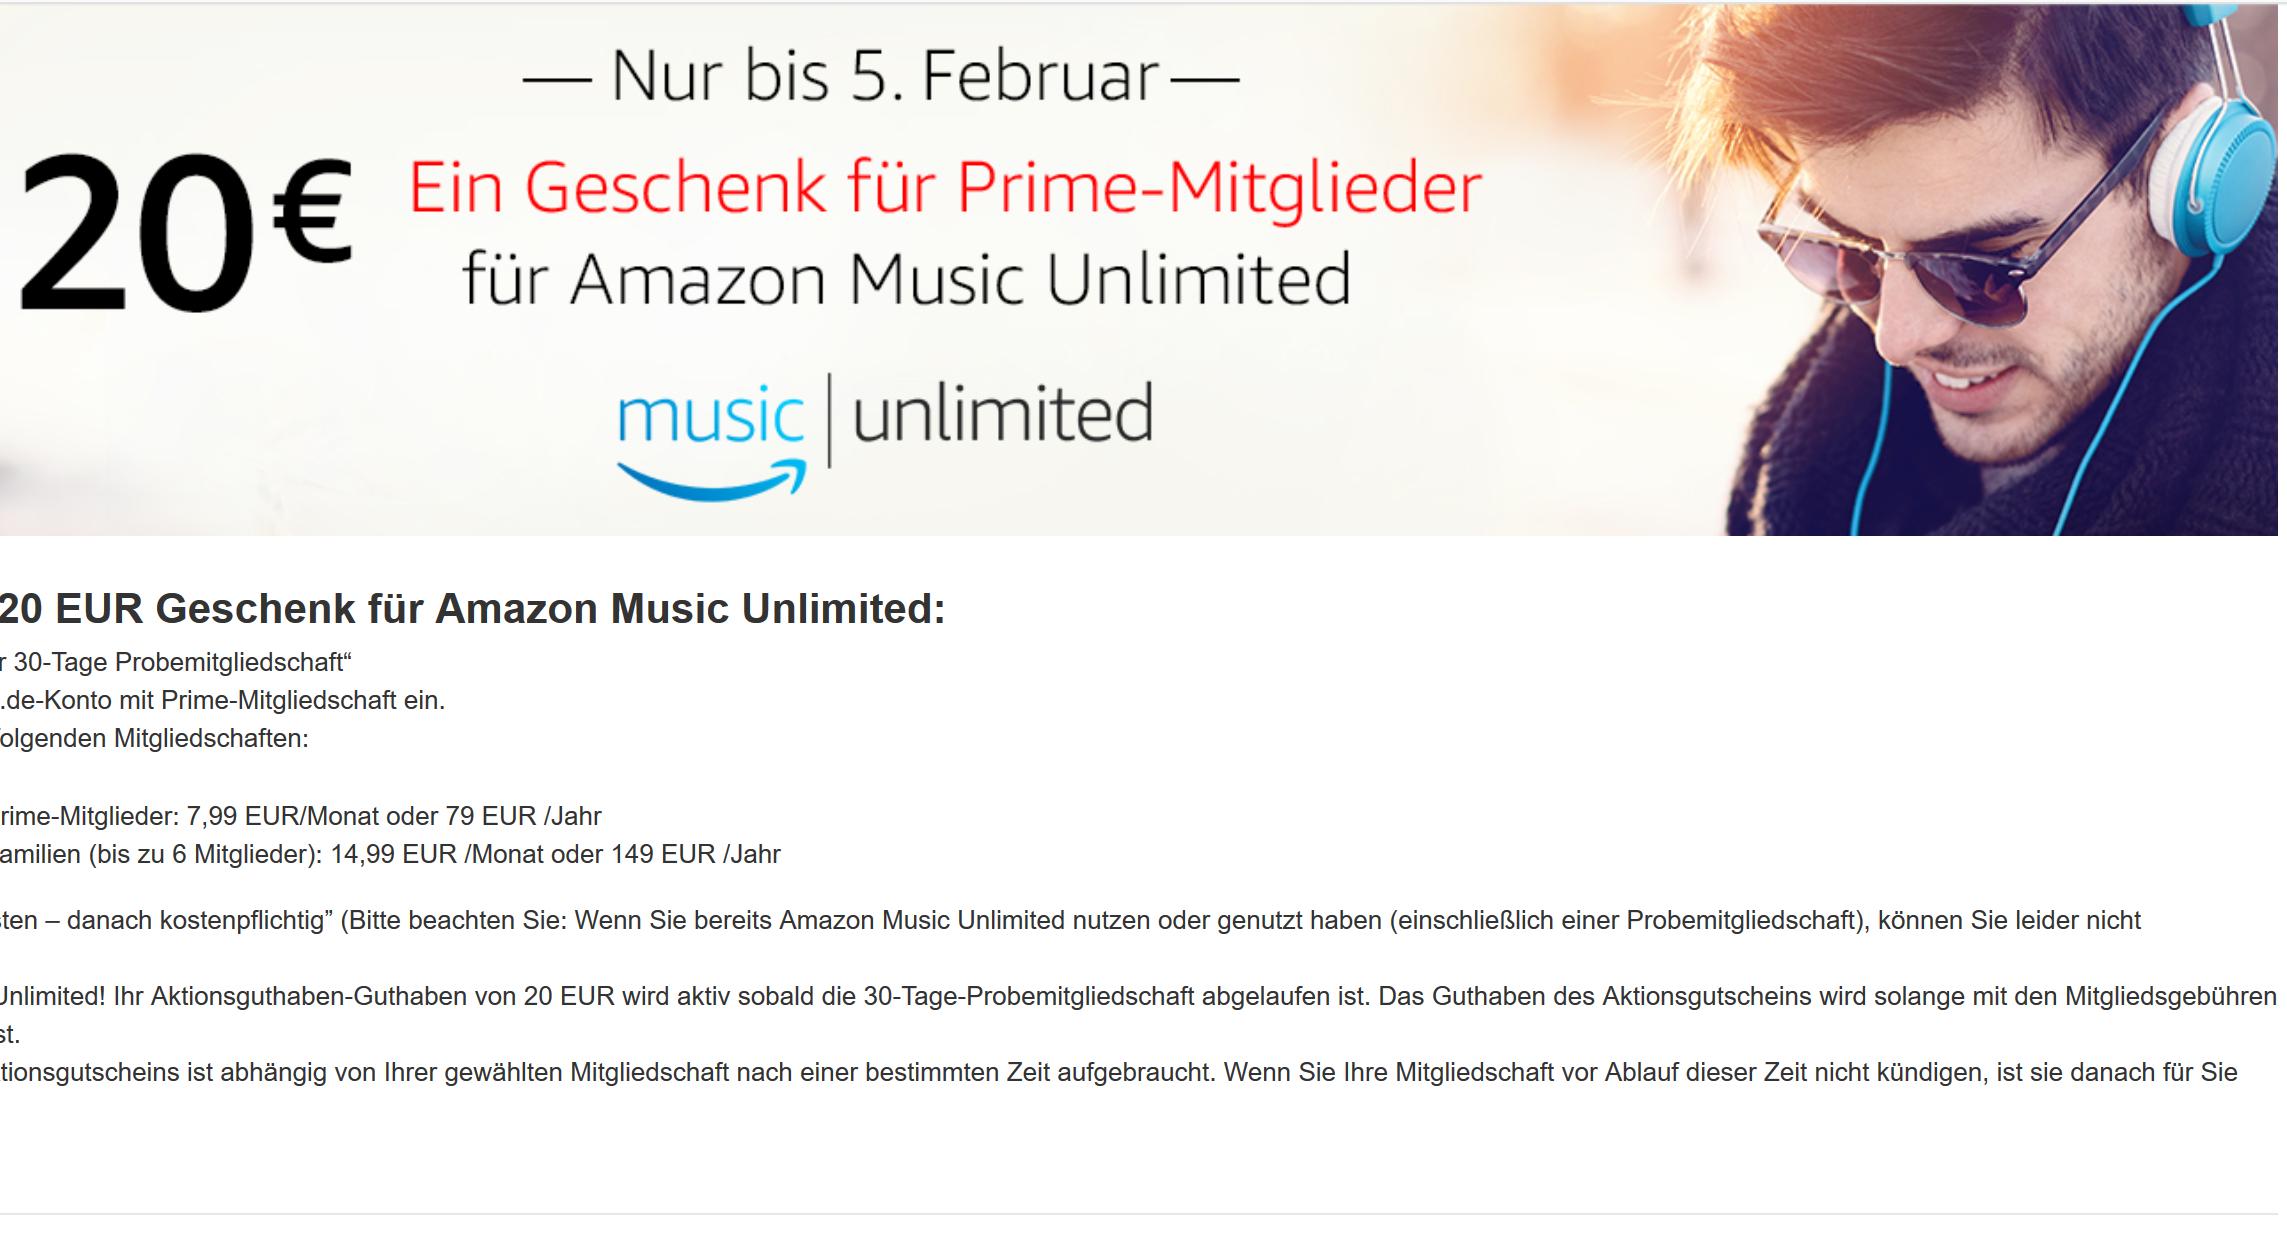 Amazon 20 € Gutschein Für Amazon Music Unlimited Für Prime